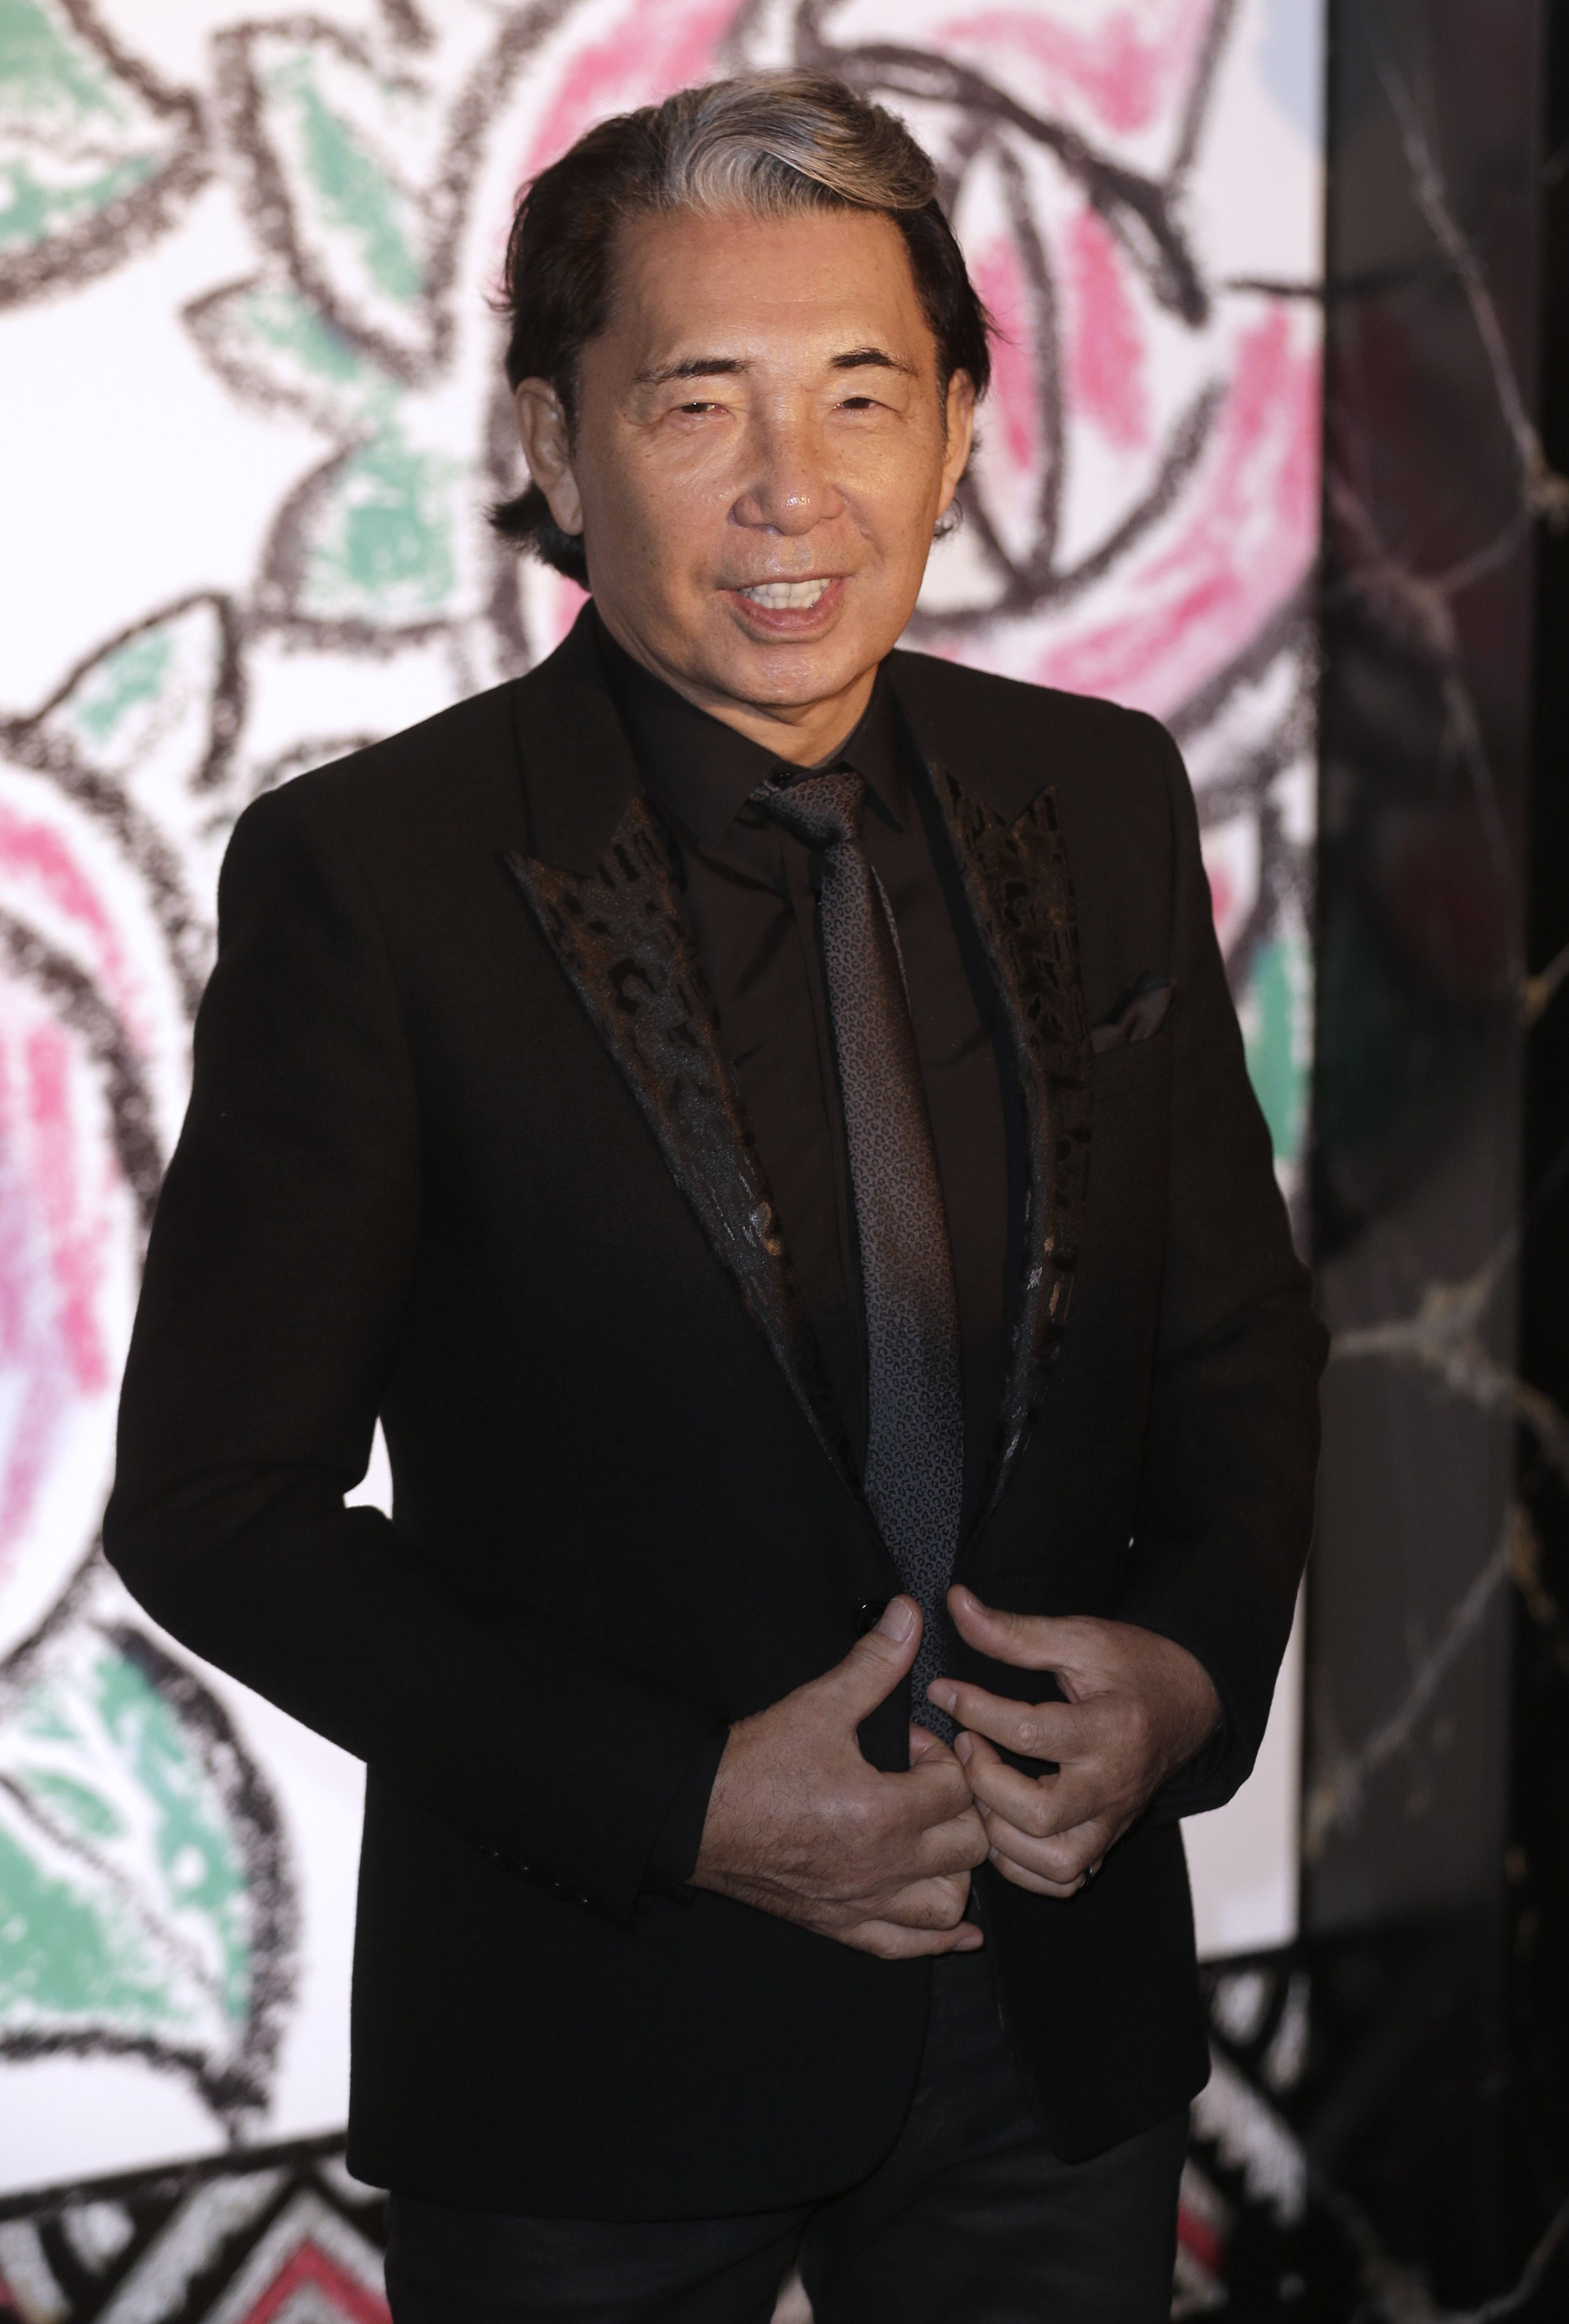 Zakladateľ módnej značky KENZO podľahol koronavírusu po niekoľkých týždňoch choroby